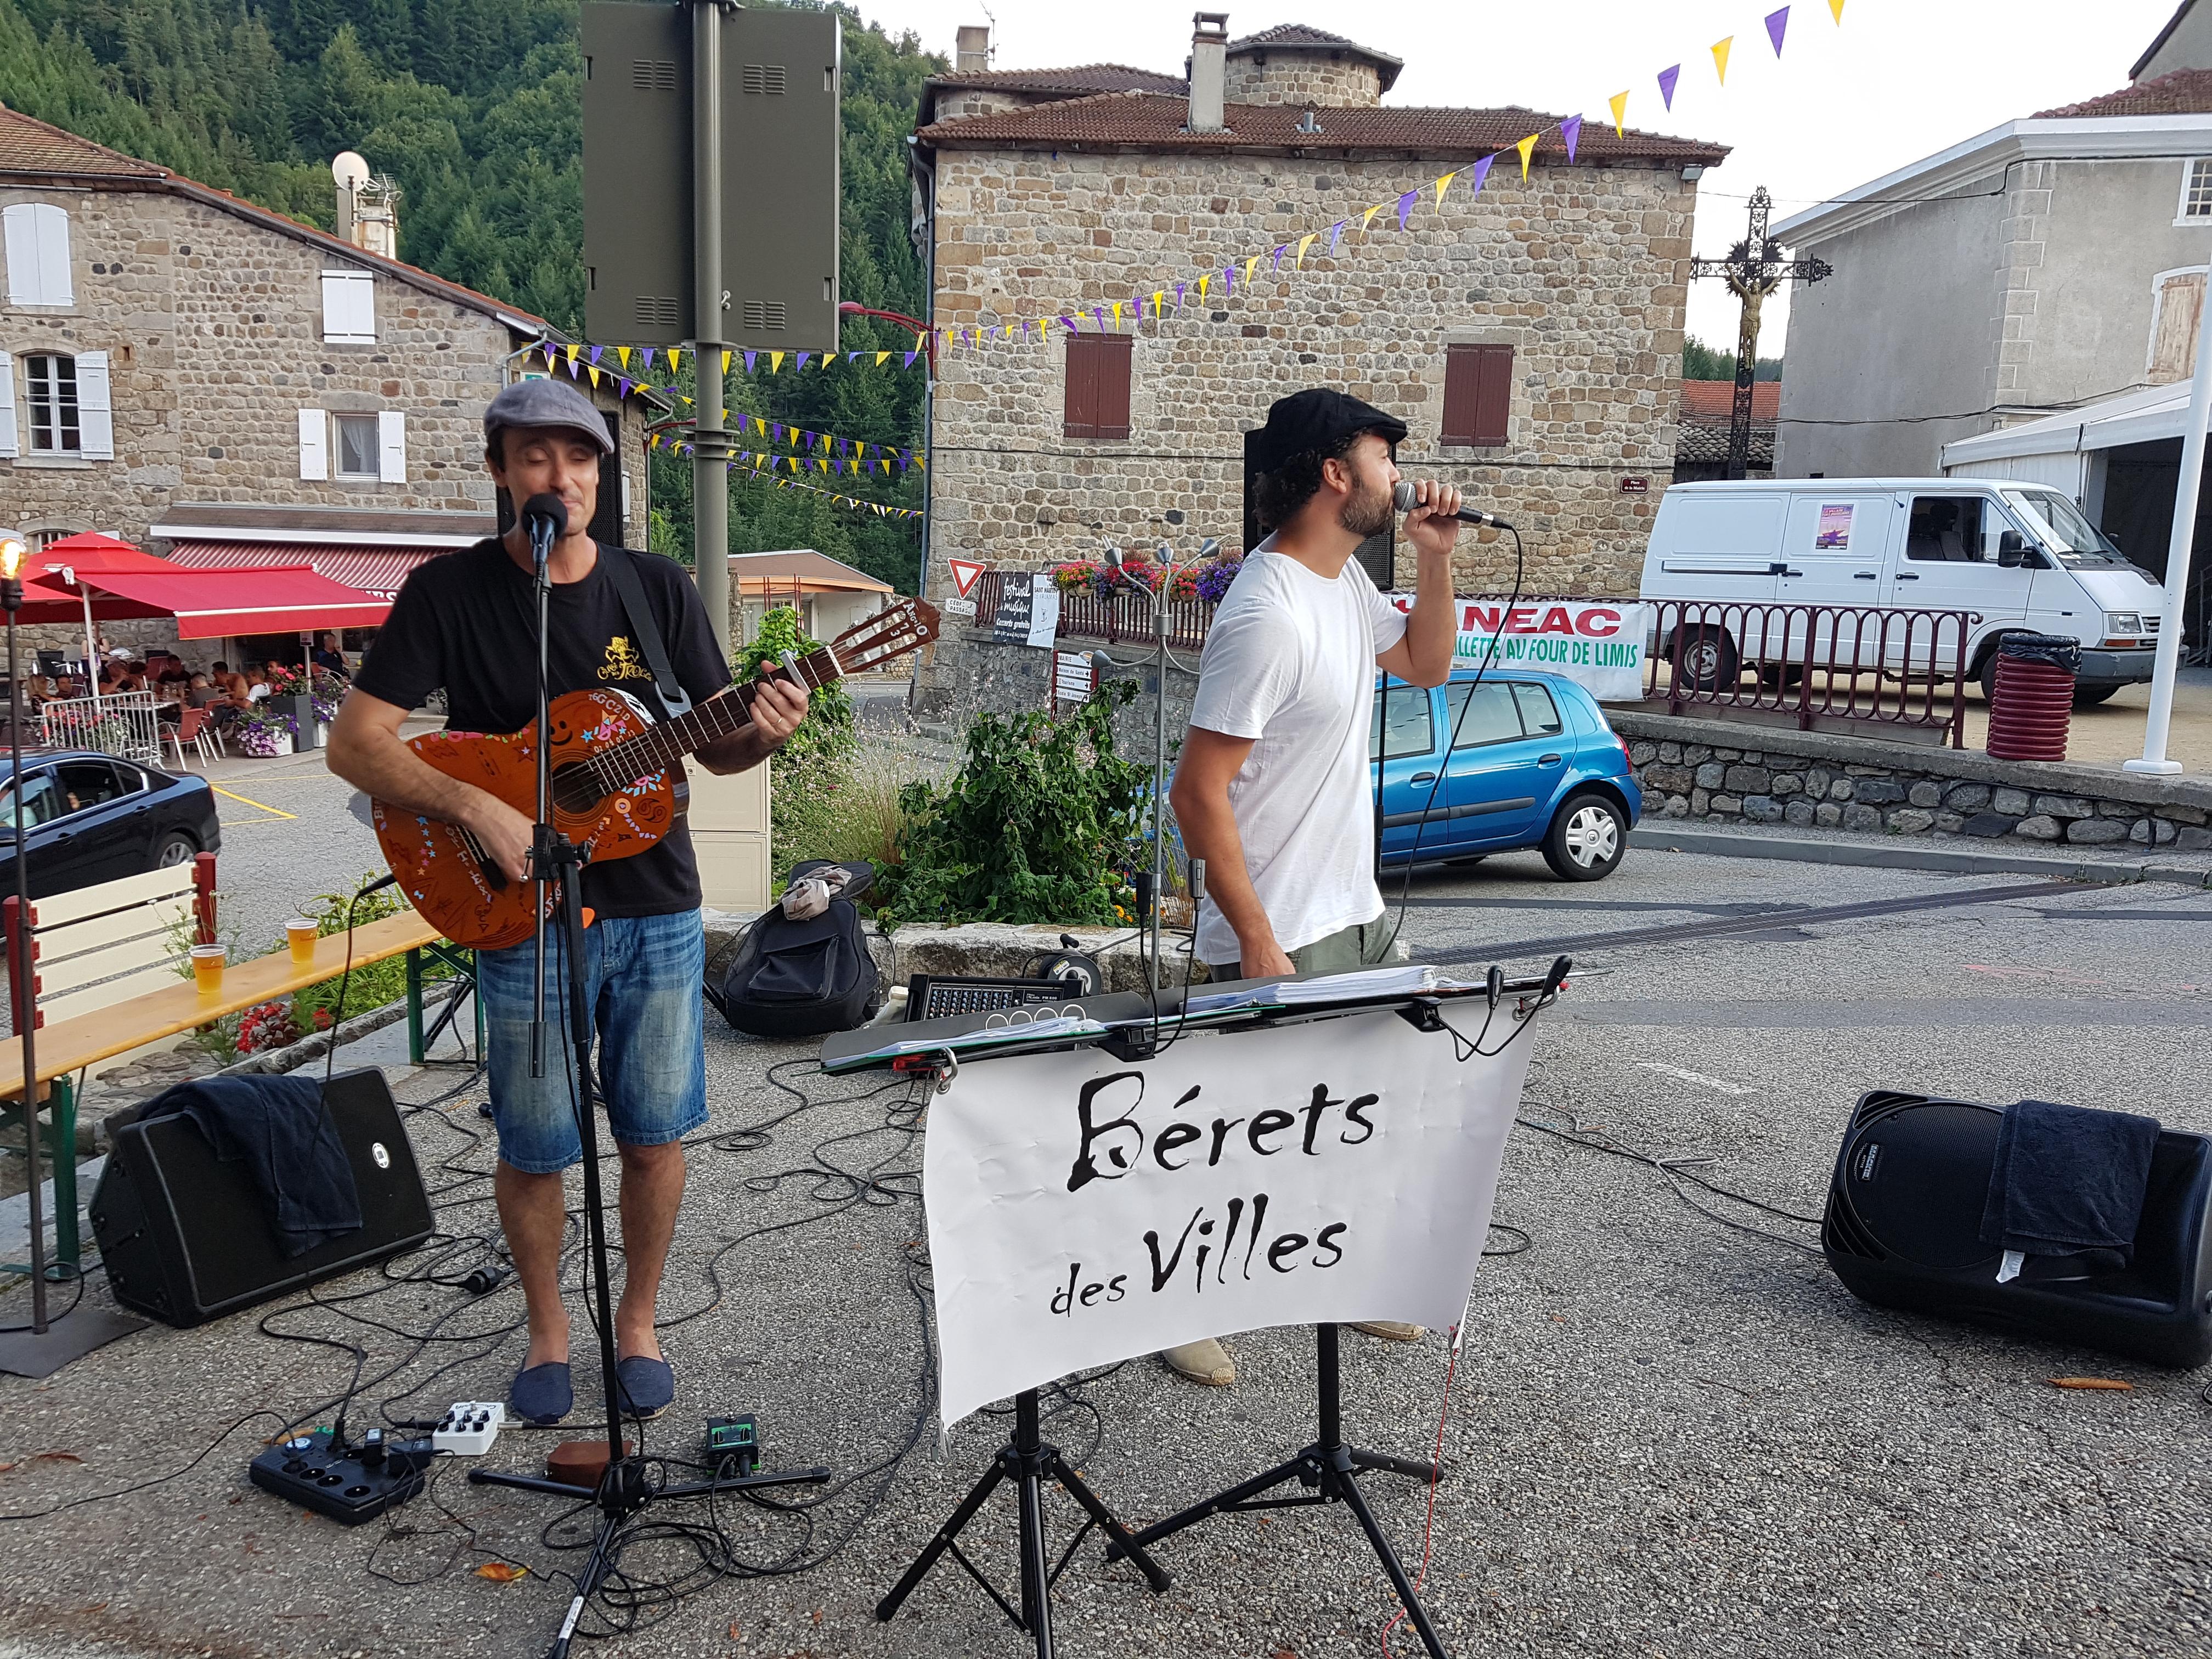 Berets_des_villes_02